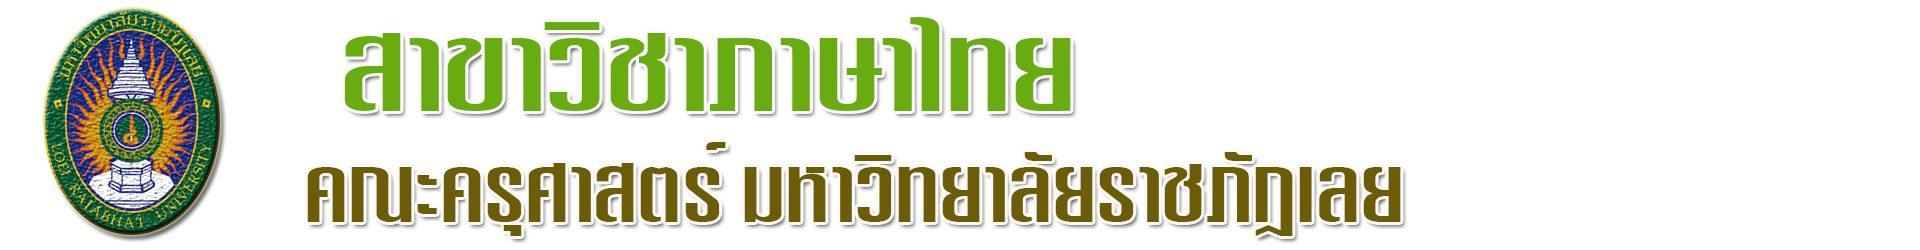 สาขาวิชาภาษาไทย